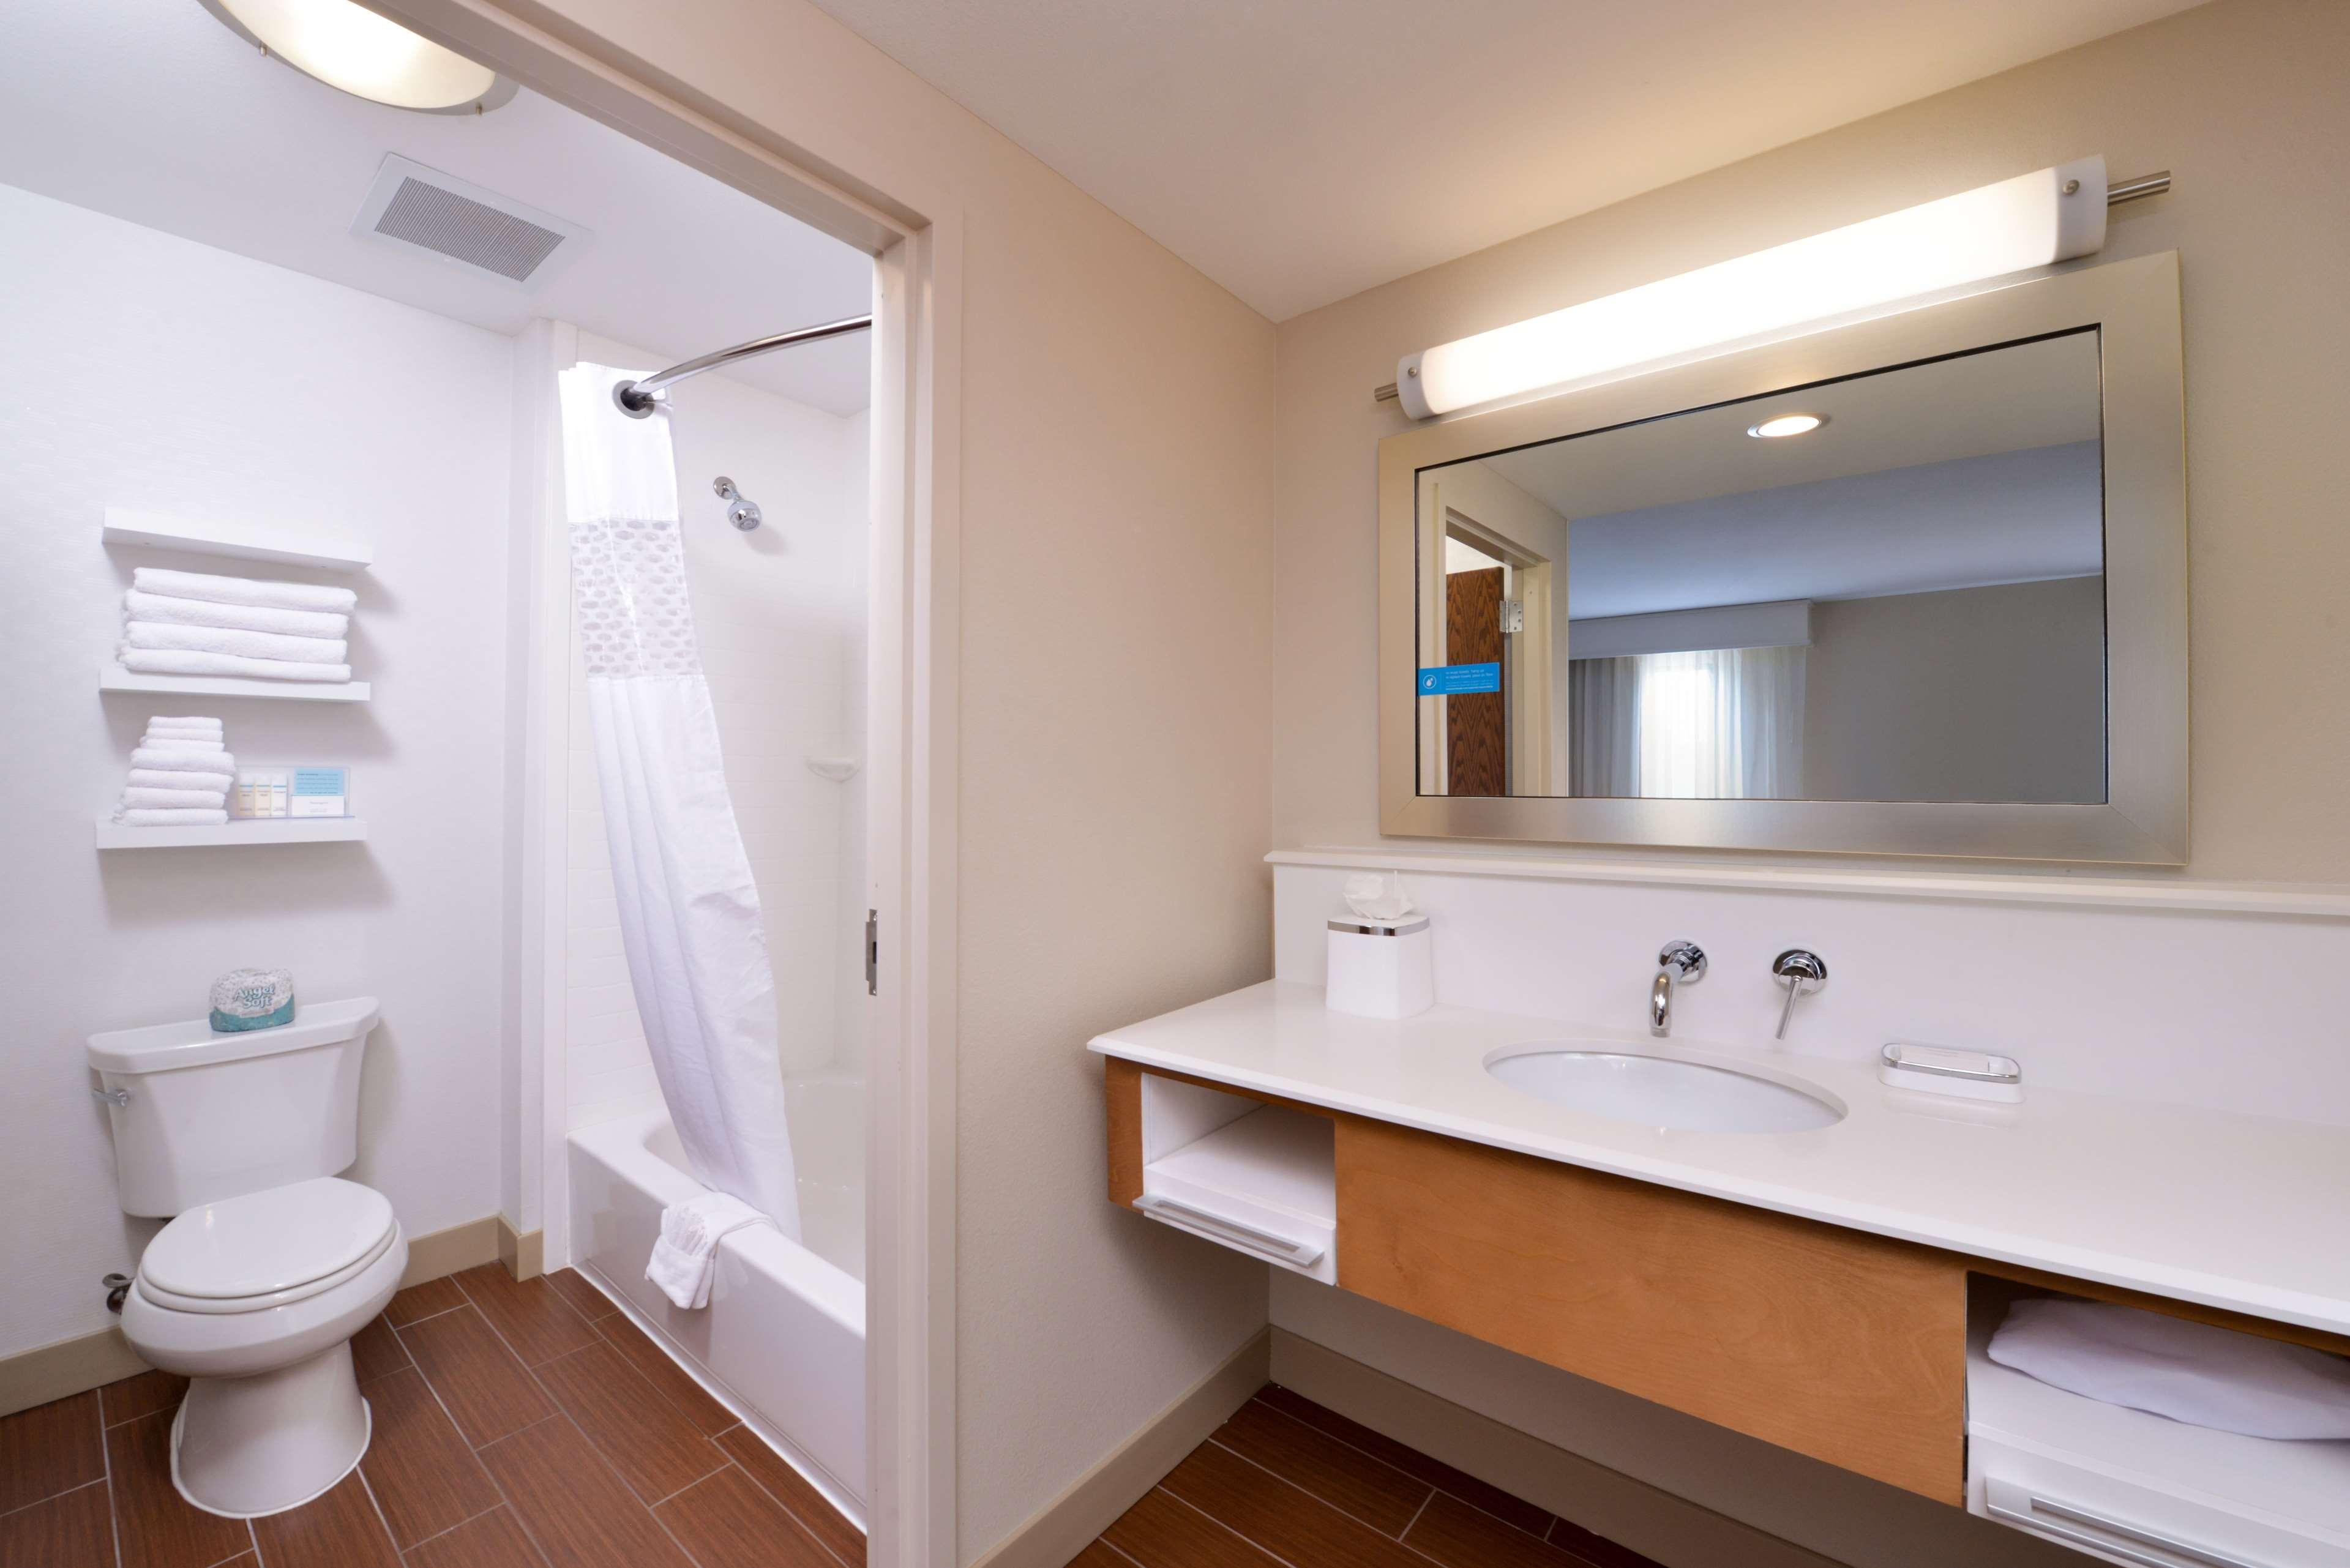 Hampton Inn & Suites Lonoke image 30